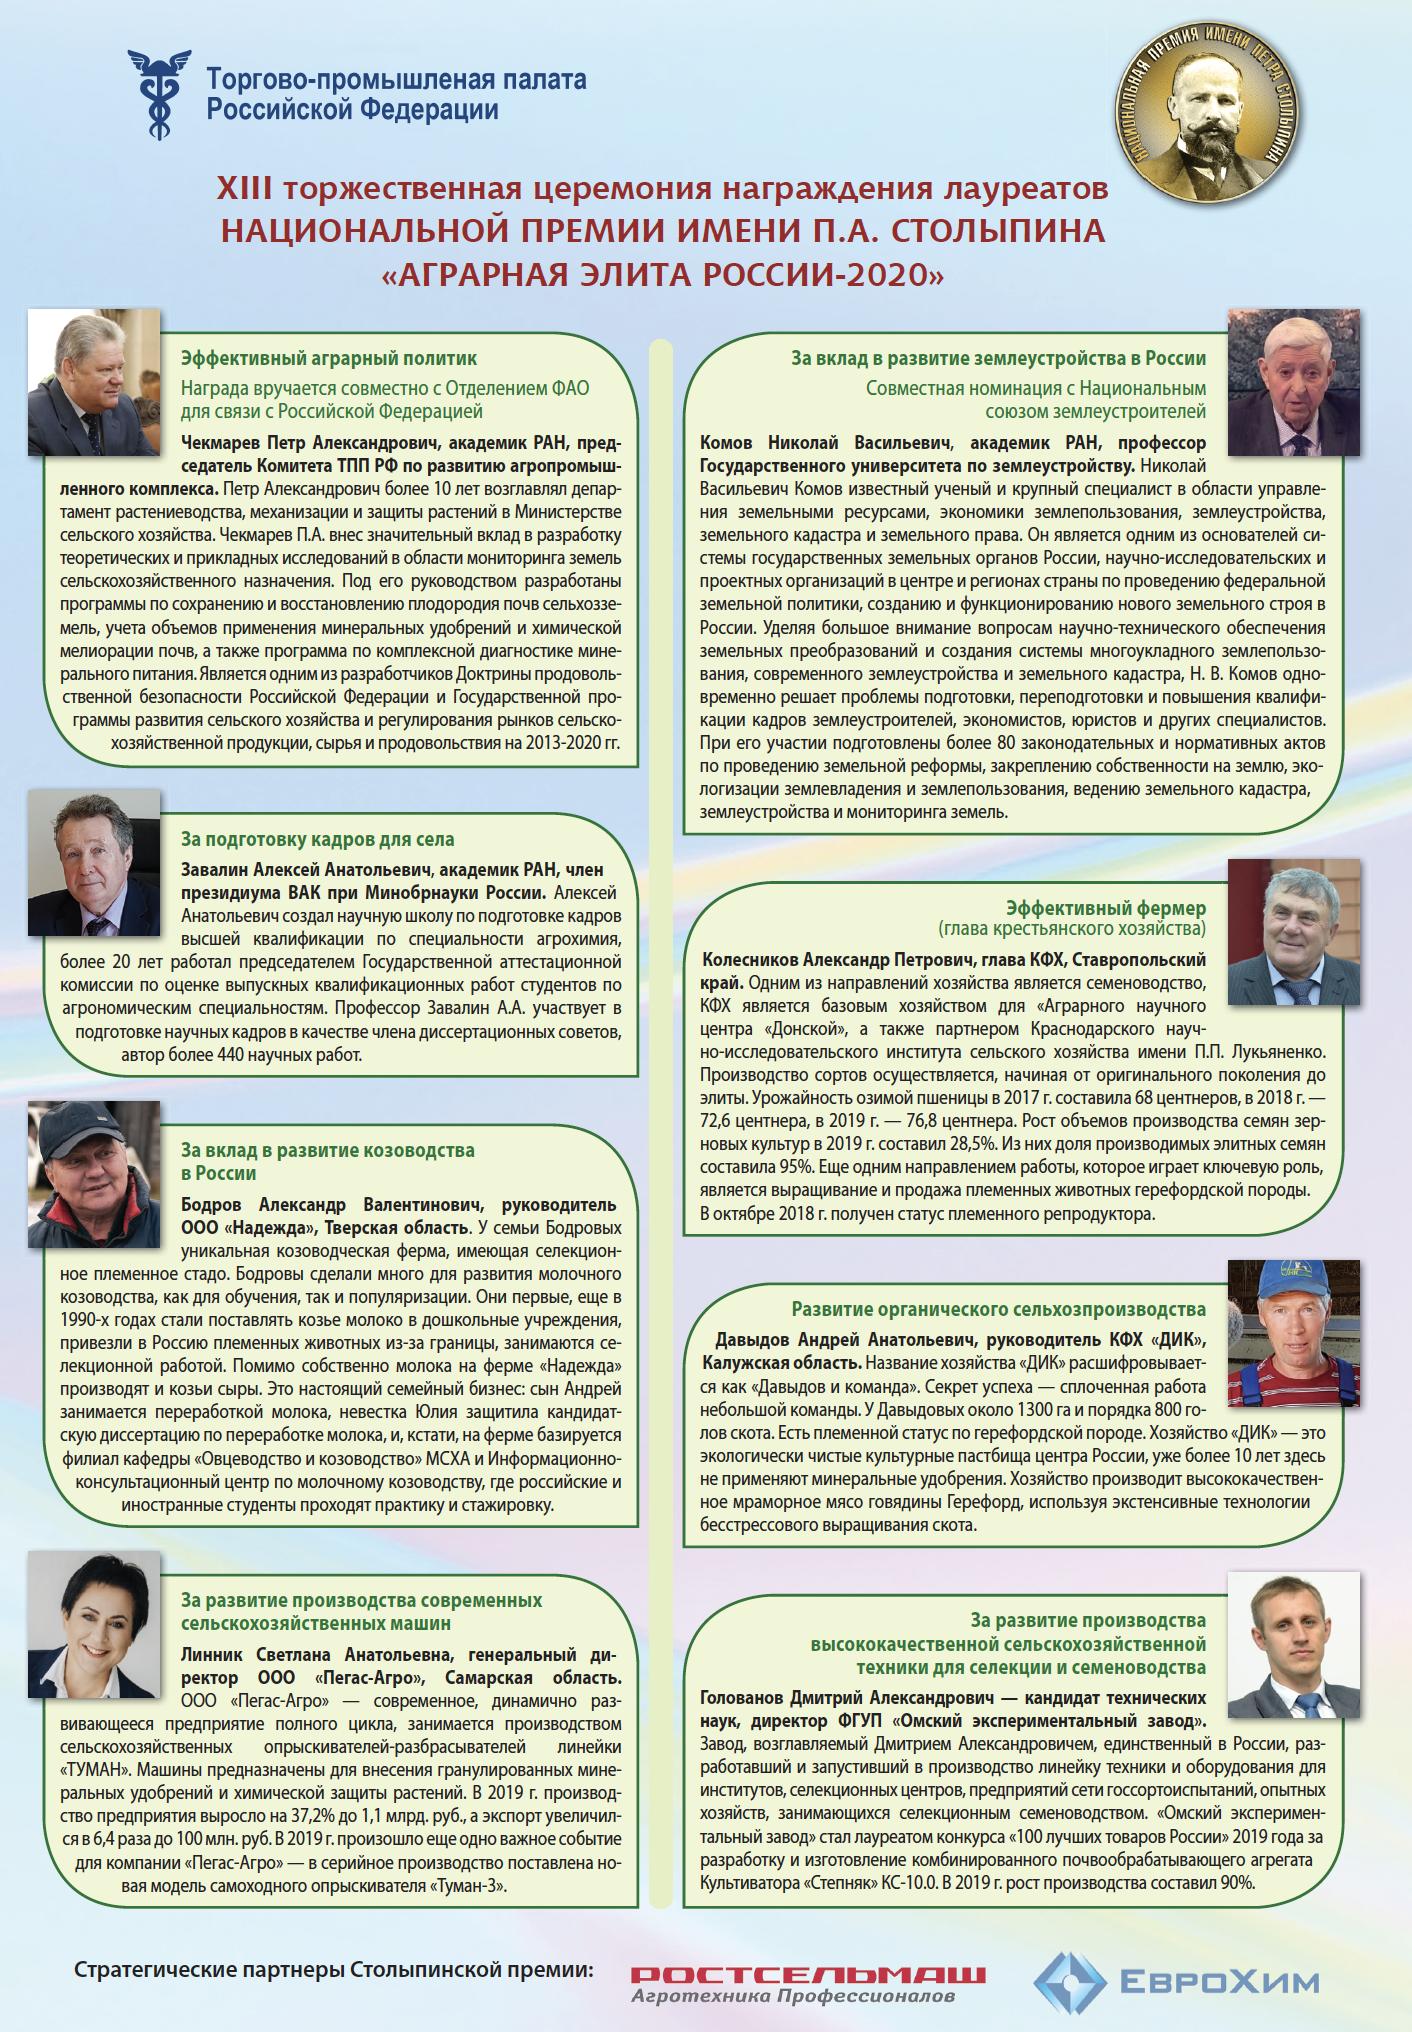 Лауреаты национальной премии имени П.А.Столыпина «Аграрная элита России-2020»